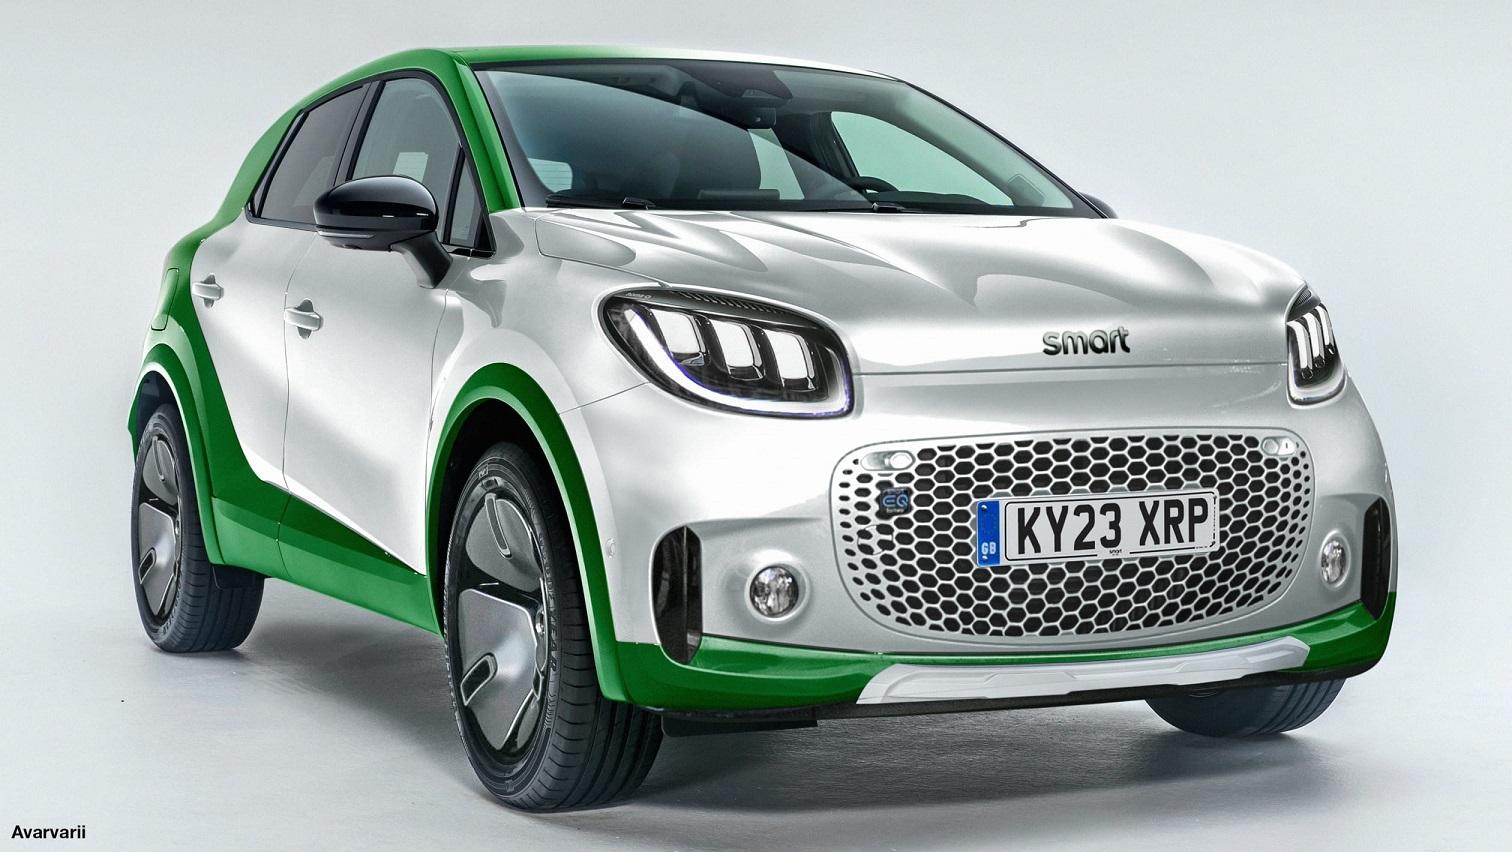 Il nuovo SUV elettrico Smart pronto a sfidare Peugeot e-2008